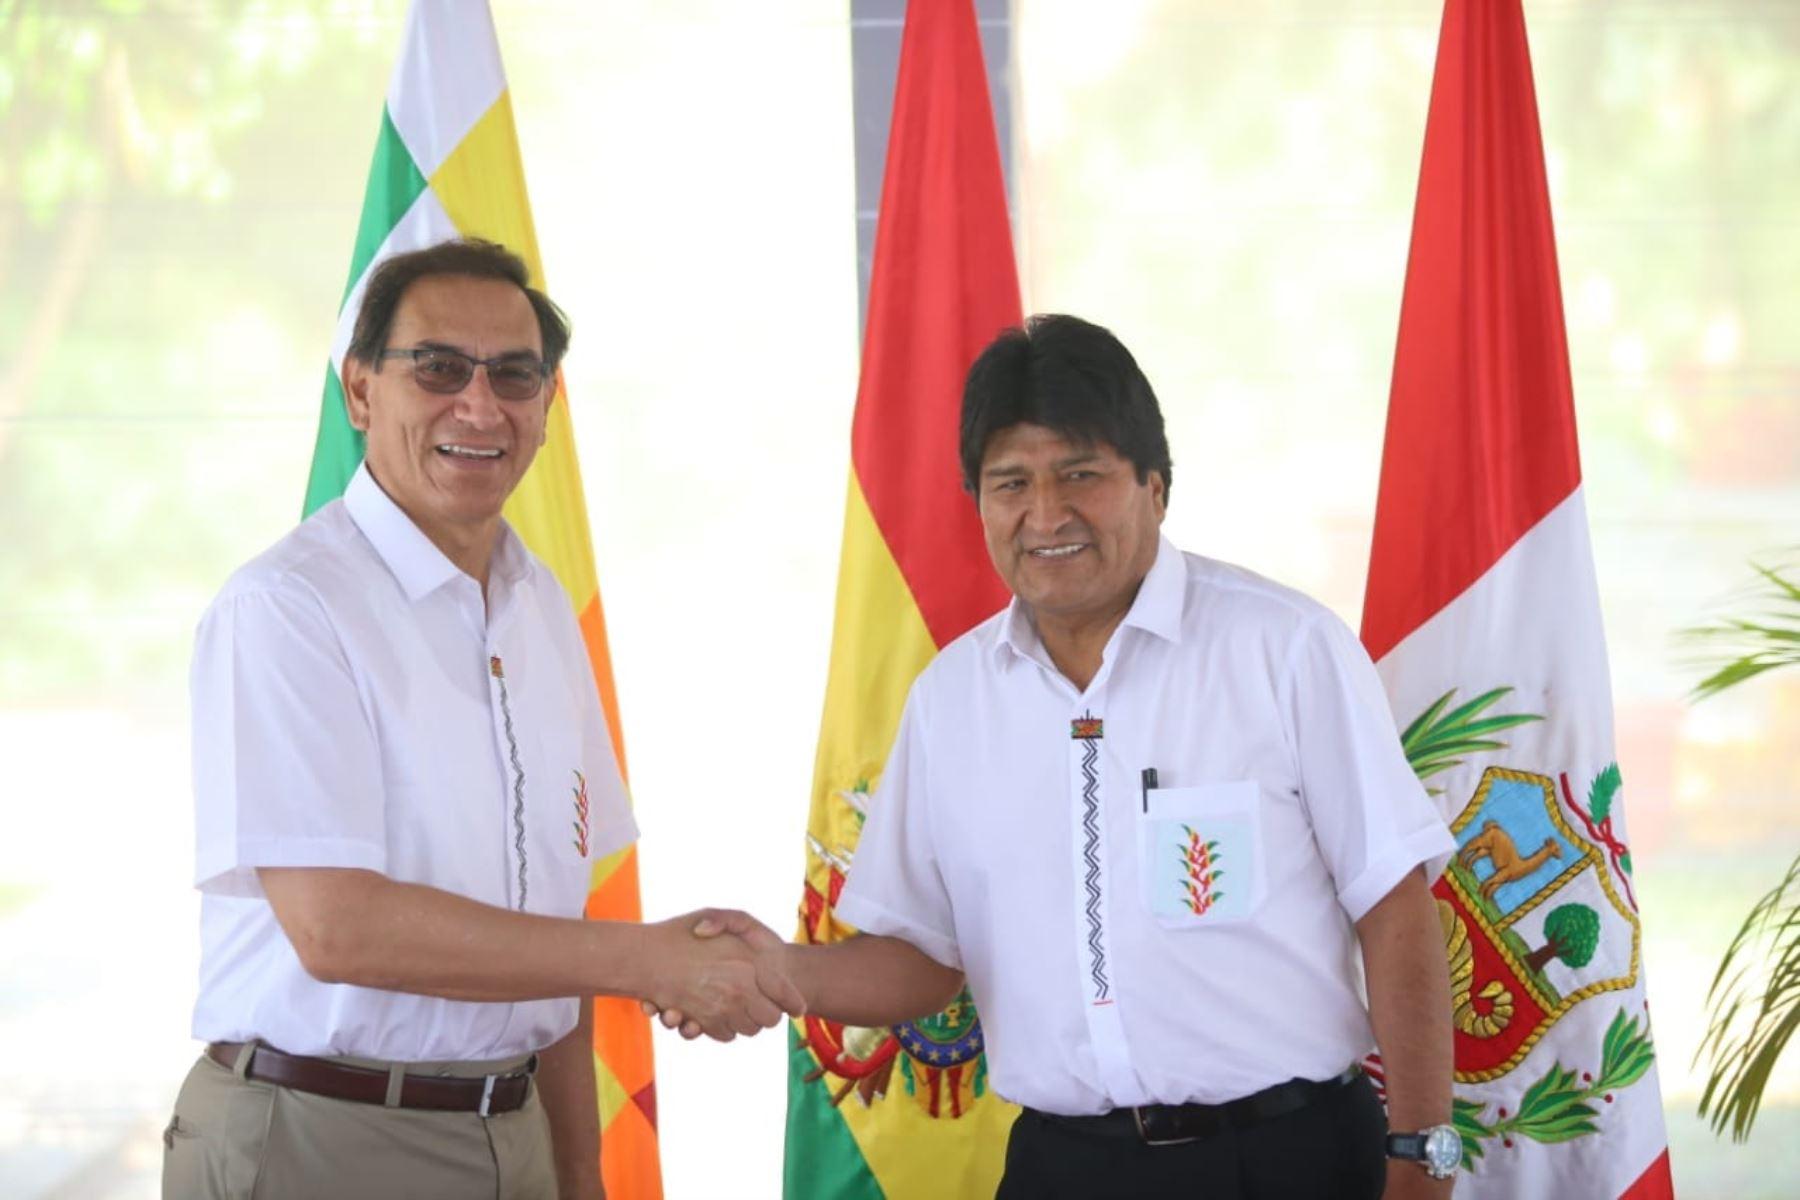 V Gabinete Binacional Perú-Bolivia se inicia este lunes 24 en Ilo